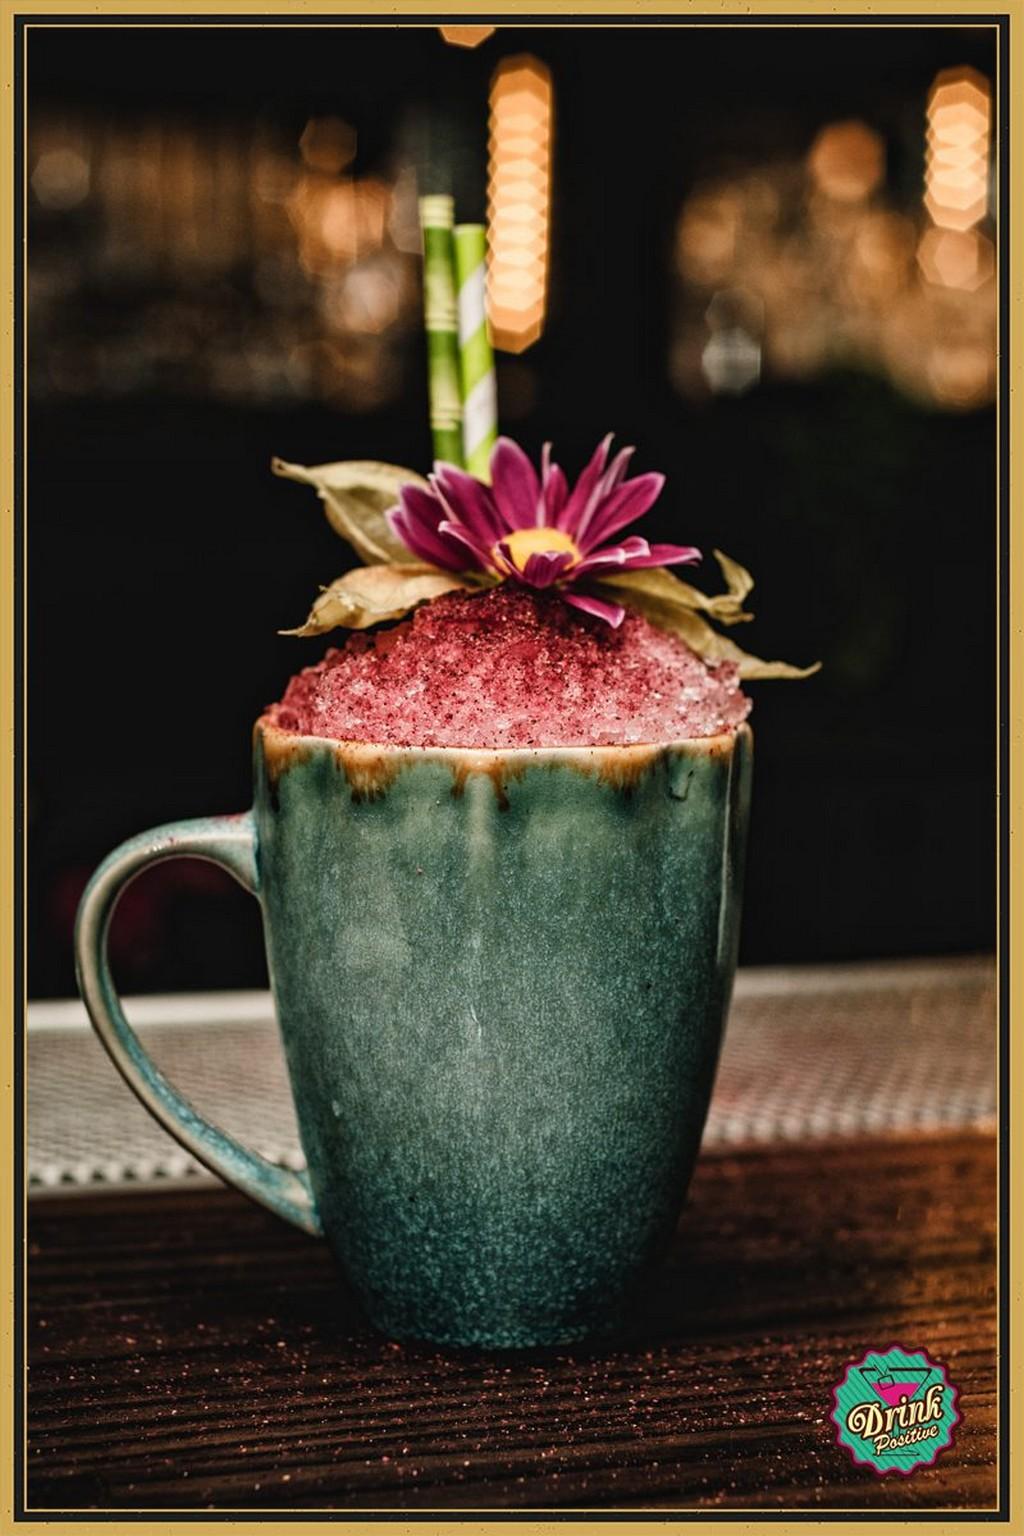 fabio_camboni_Gaeta_Drink_Positive_consulenze__apertura_locali_corsi_barman_105